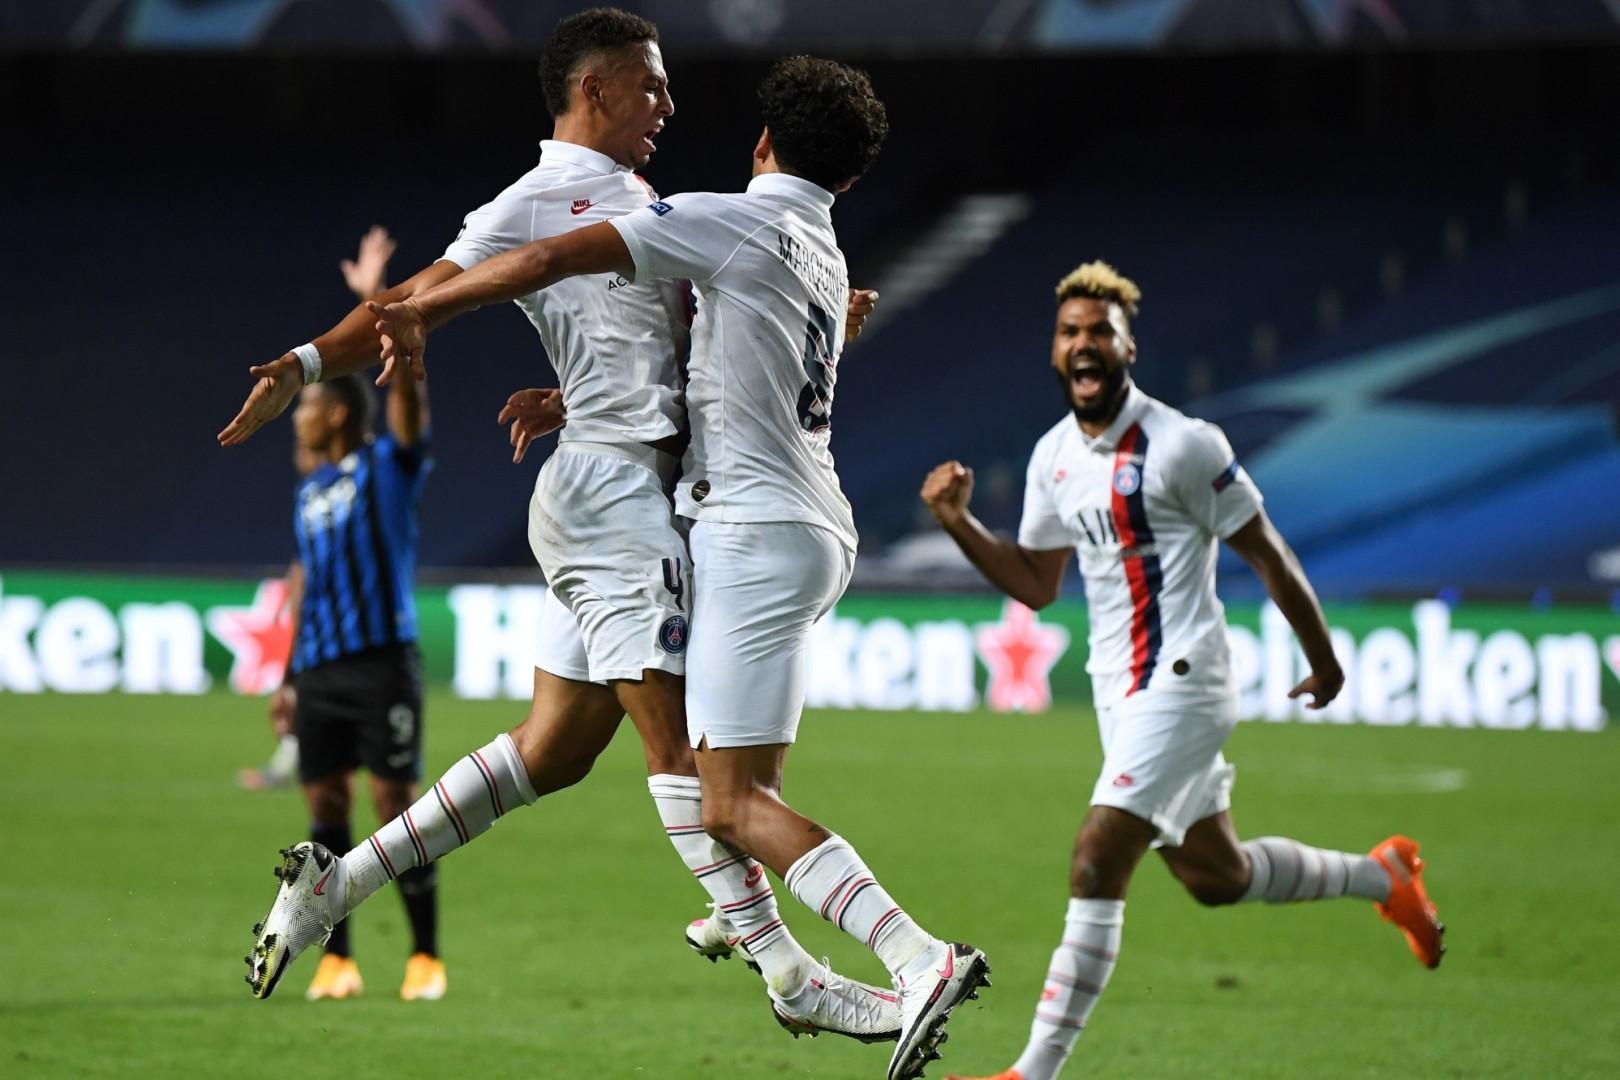 12 août : Choupo-Motting, derrière, Kehrer et Marquinhos, envoie le PSG en demi-finale de Ligue des champions